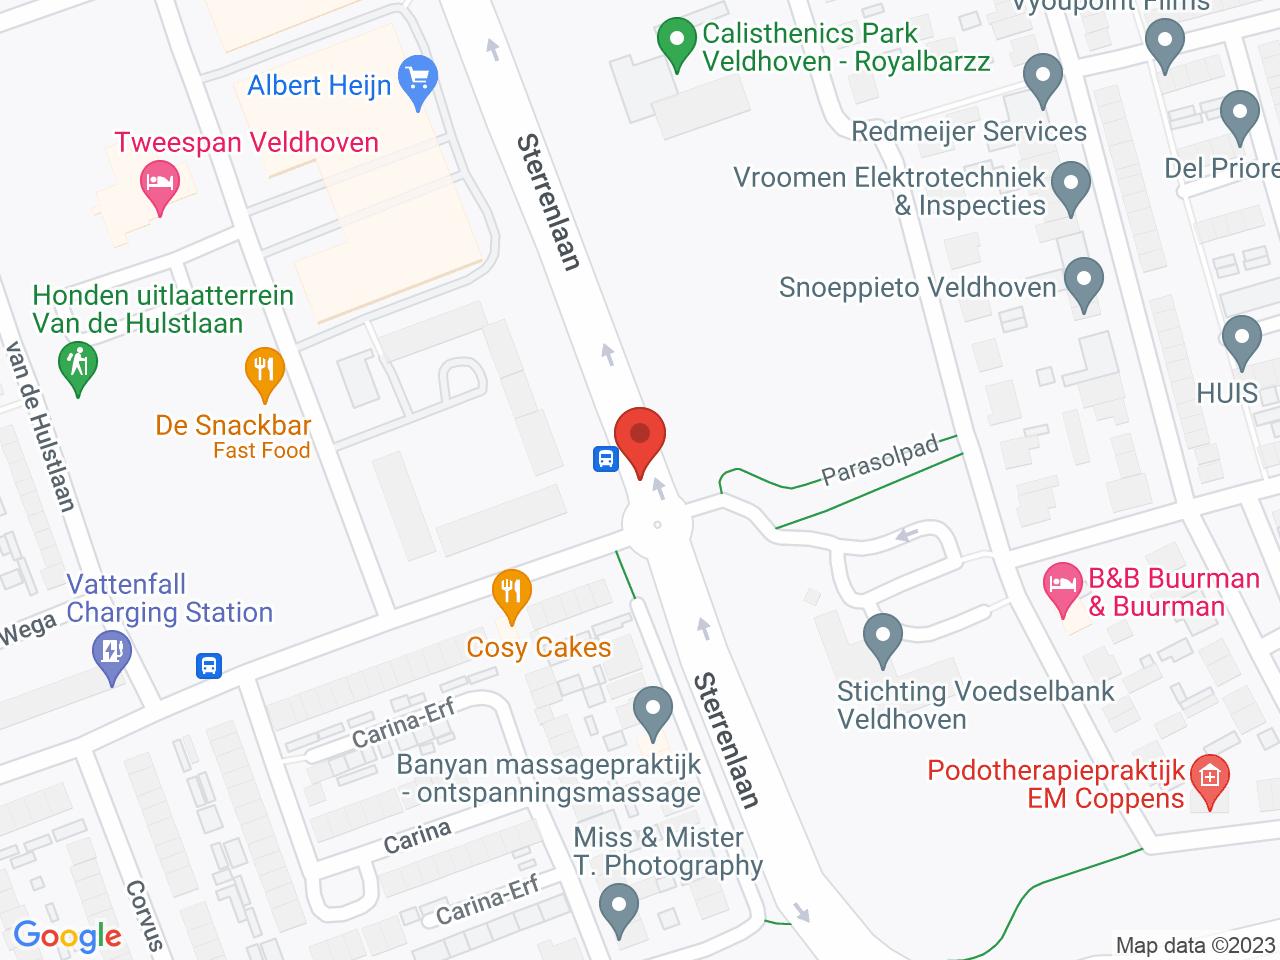 Rotonde Sterrenlaan - Mullerlaan op een kaart getoond.